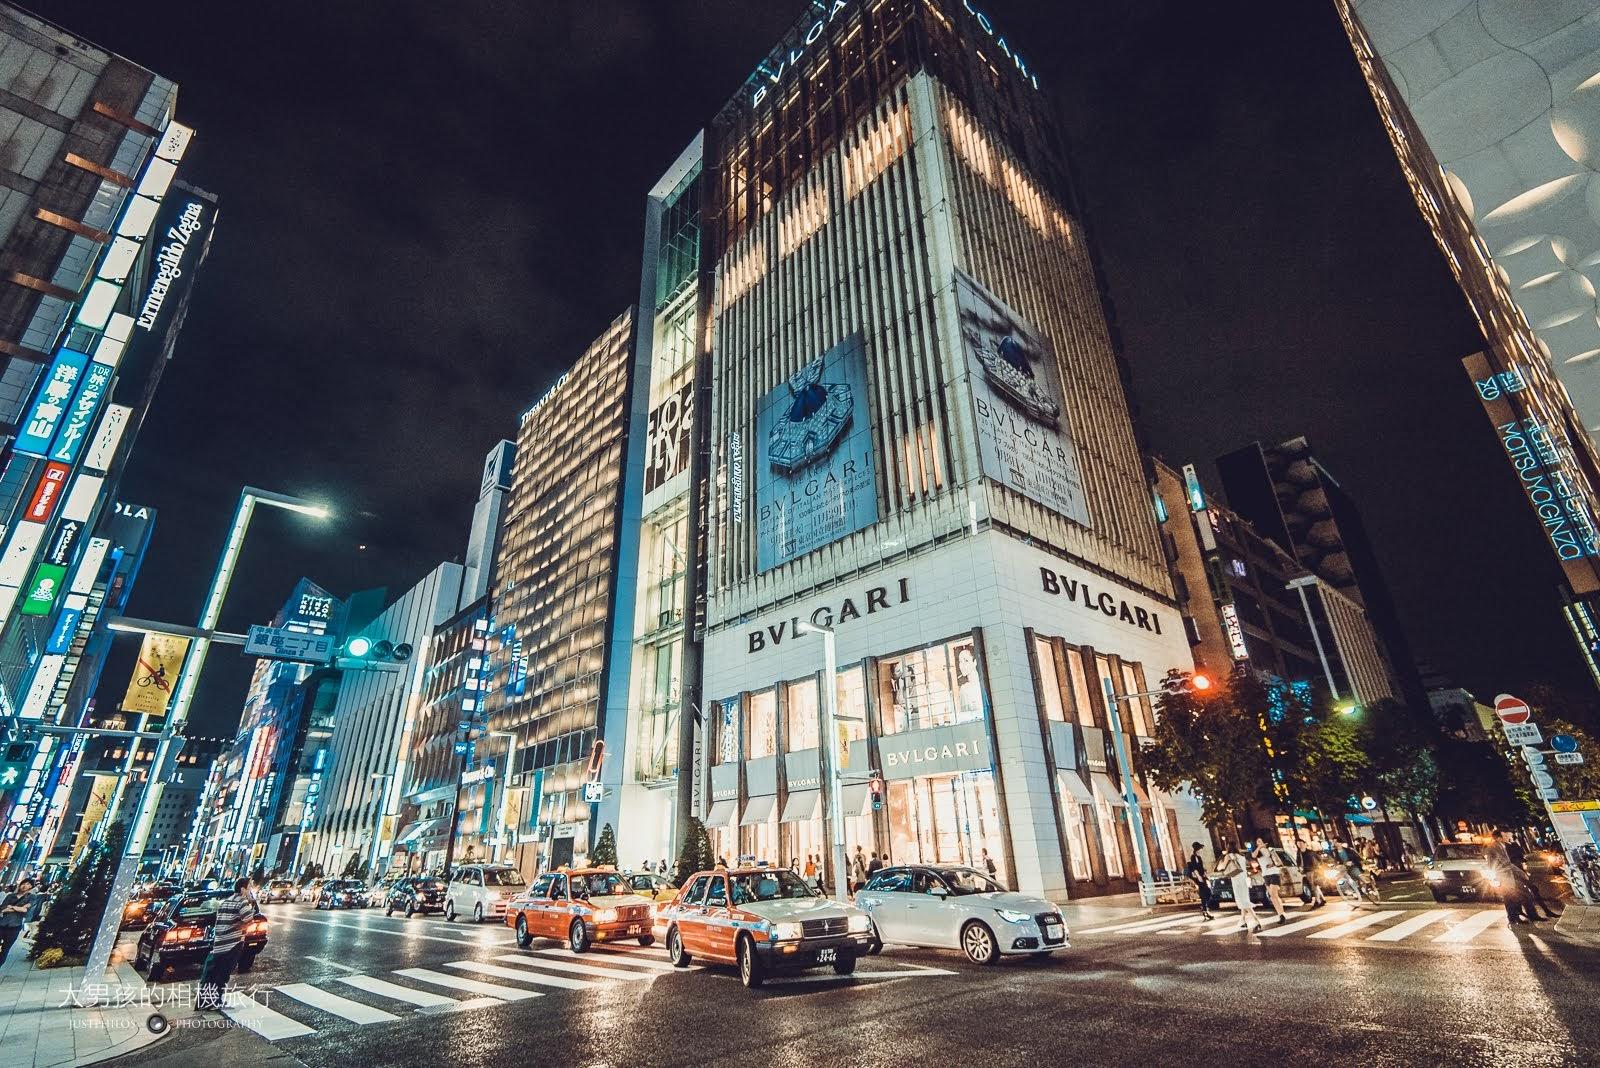 在夜晚的銀座因為各大品牌招牌林立與絢麗的外牆建築,讓銀座的夜晚市景格外迷人。